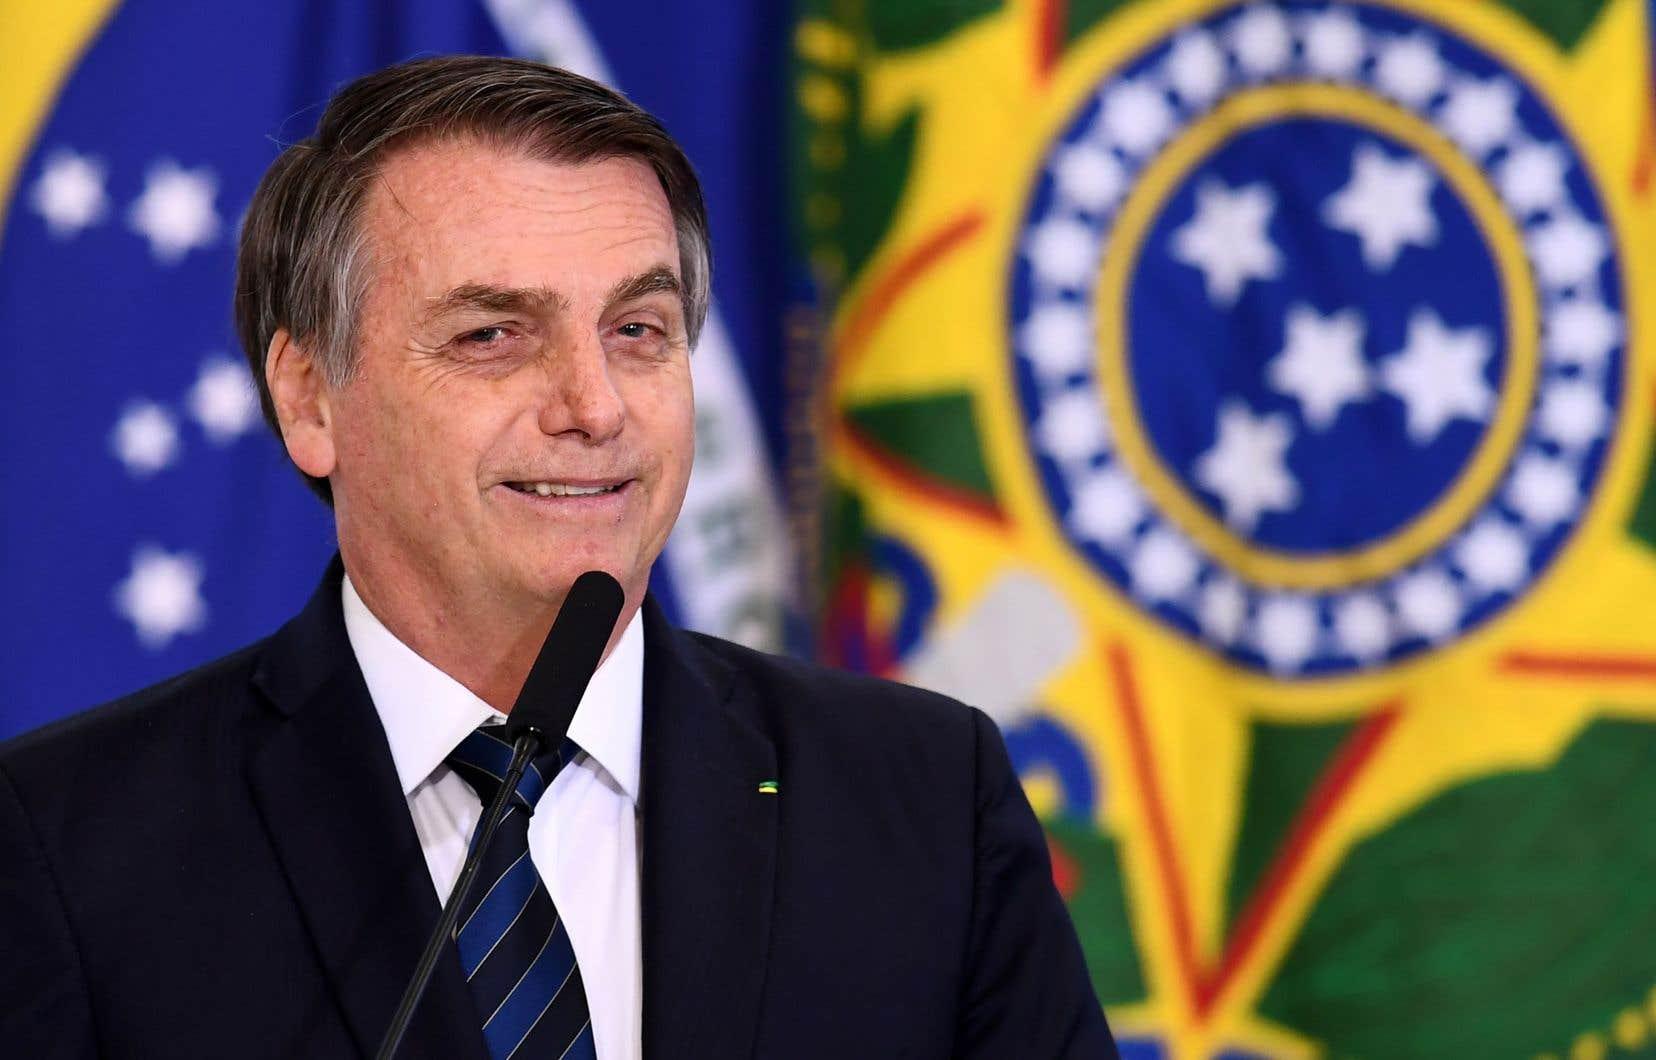 «Le travail donne de la dignité aux hommes et aux femmes, peu importe l'âge», a déclaré le président Jair Bolsonaro.